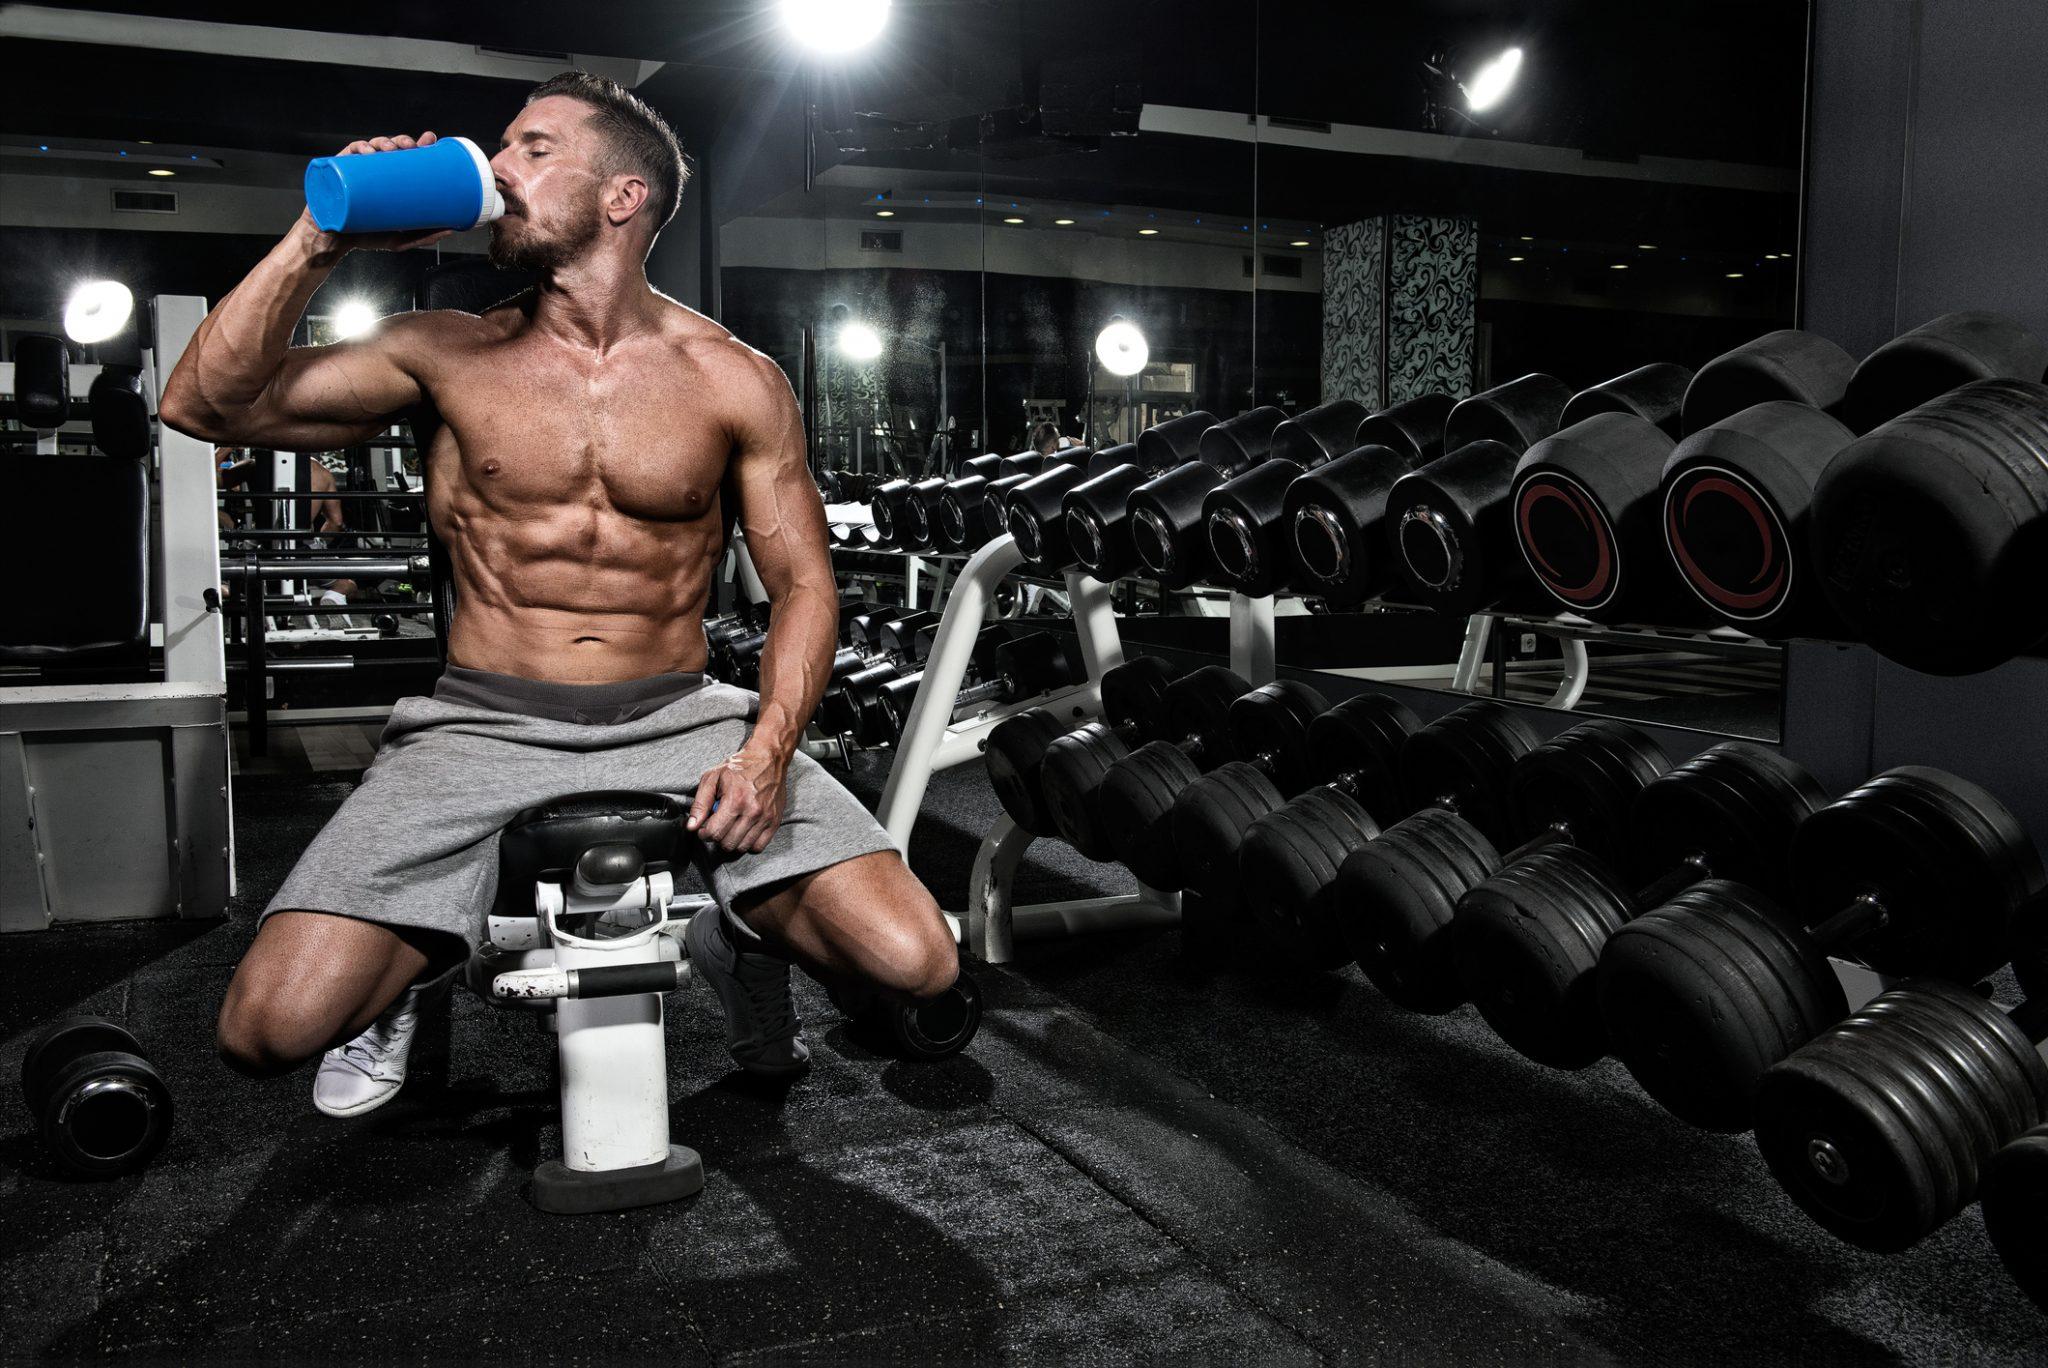 Спортивное питание для набора мышечной массы:основные способы увеличения веса для спортсменов